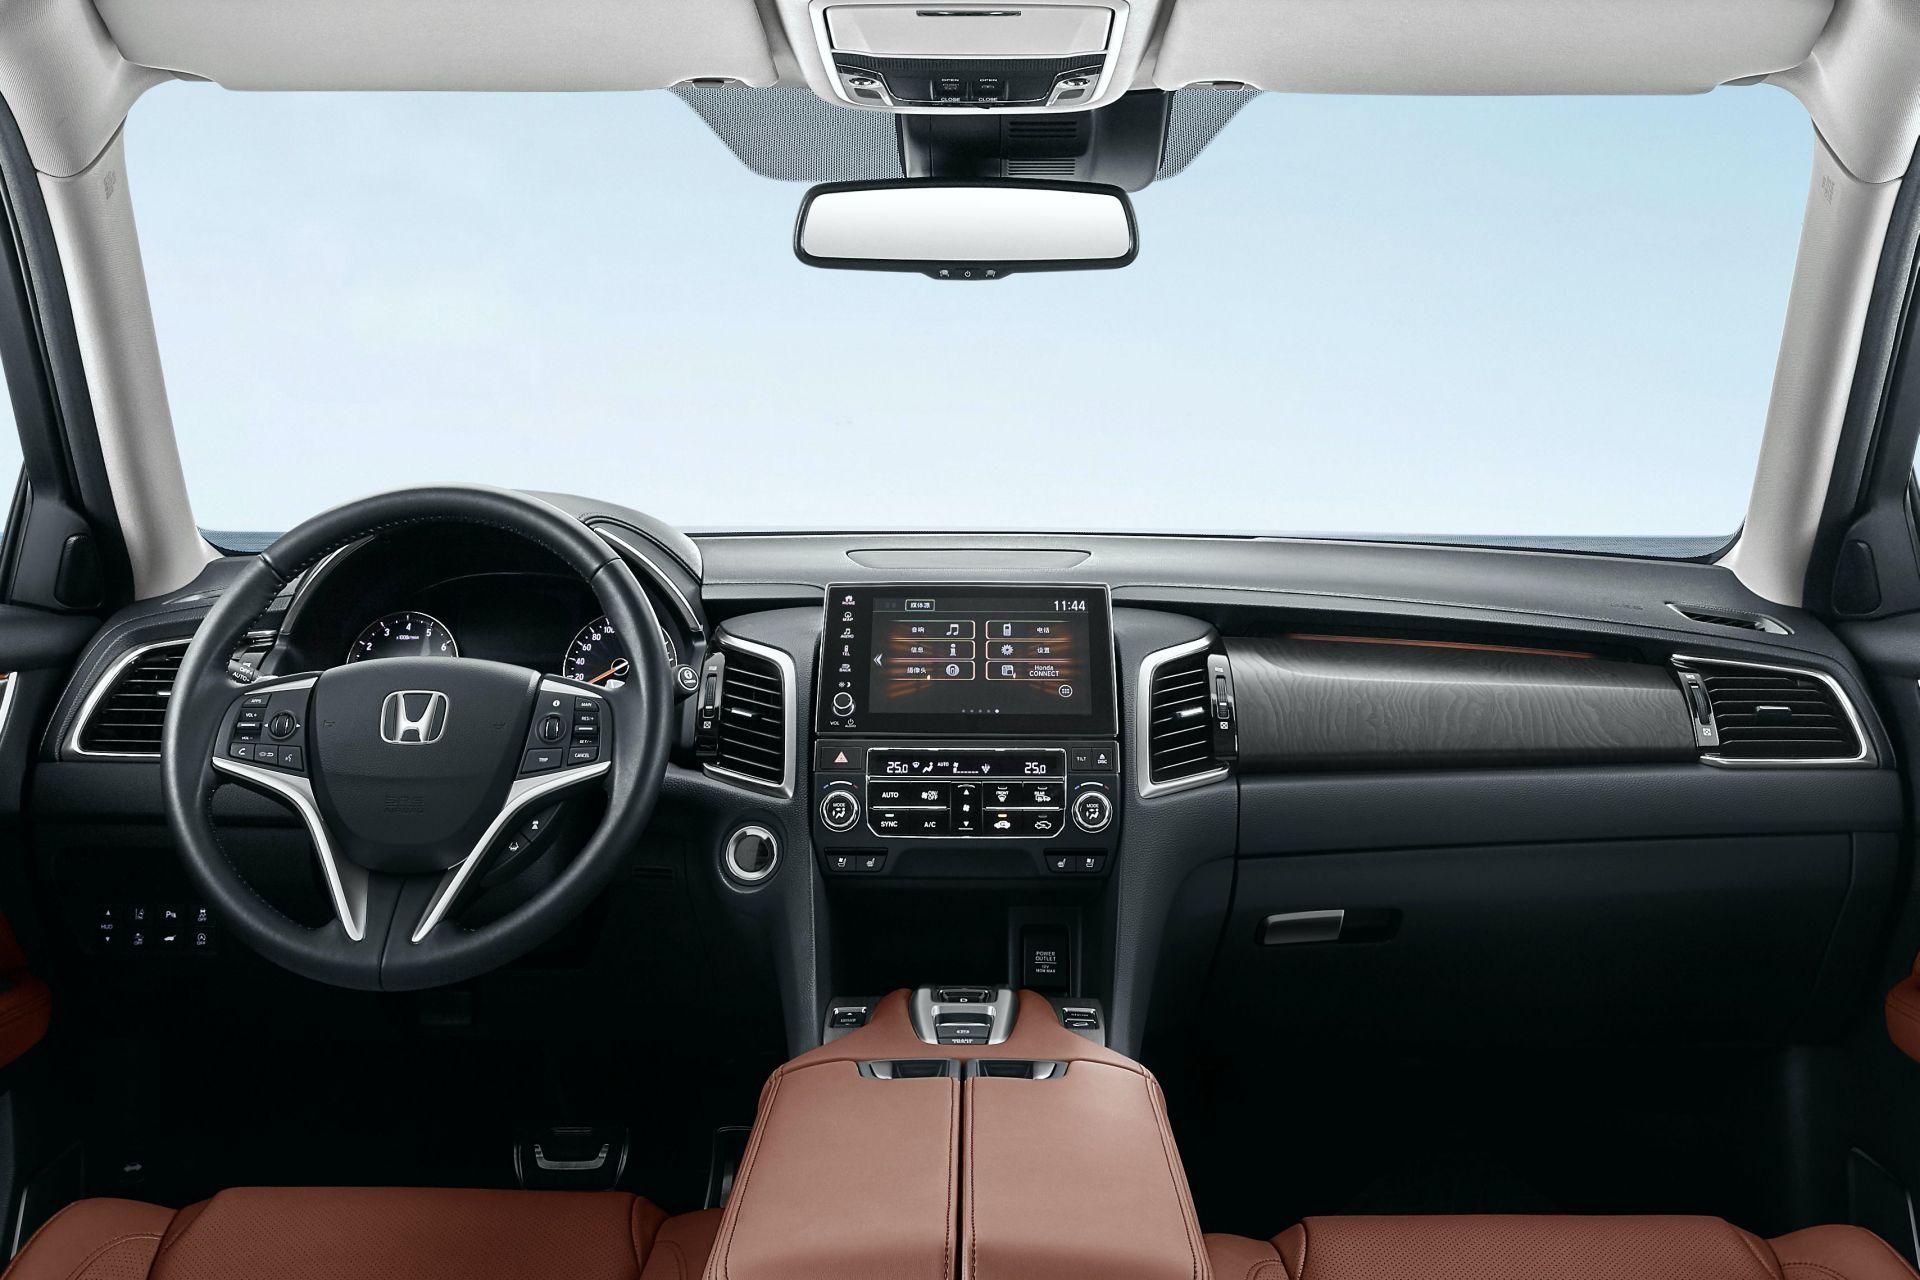 Honda Avancier 2020 đàn anh của CR-V, ra mắt tại Trung Quốc - 19